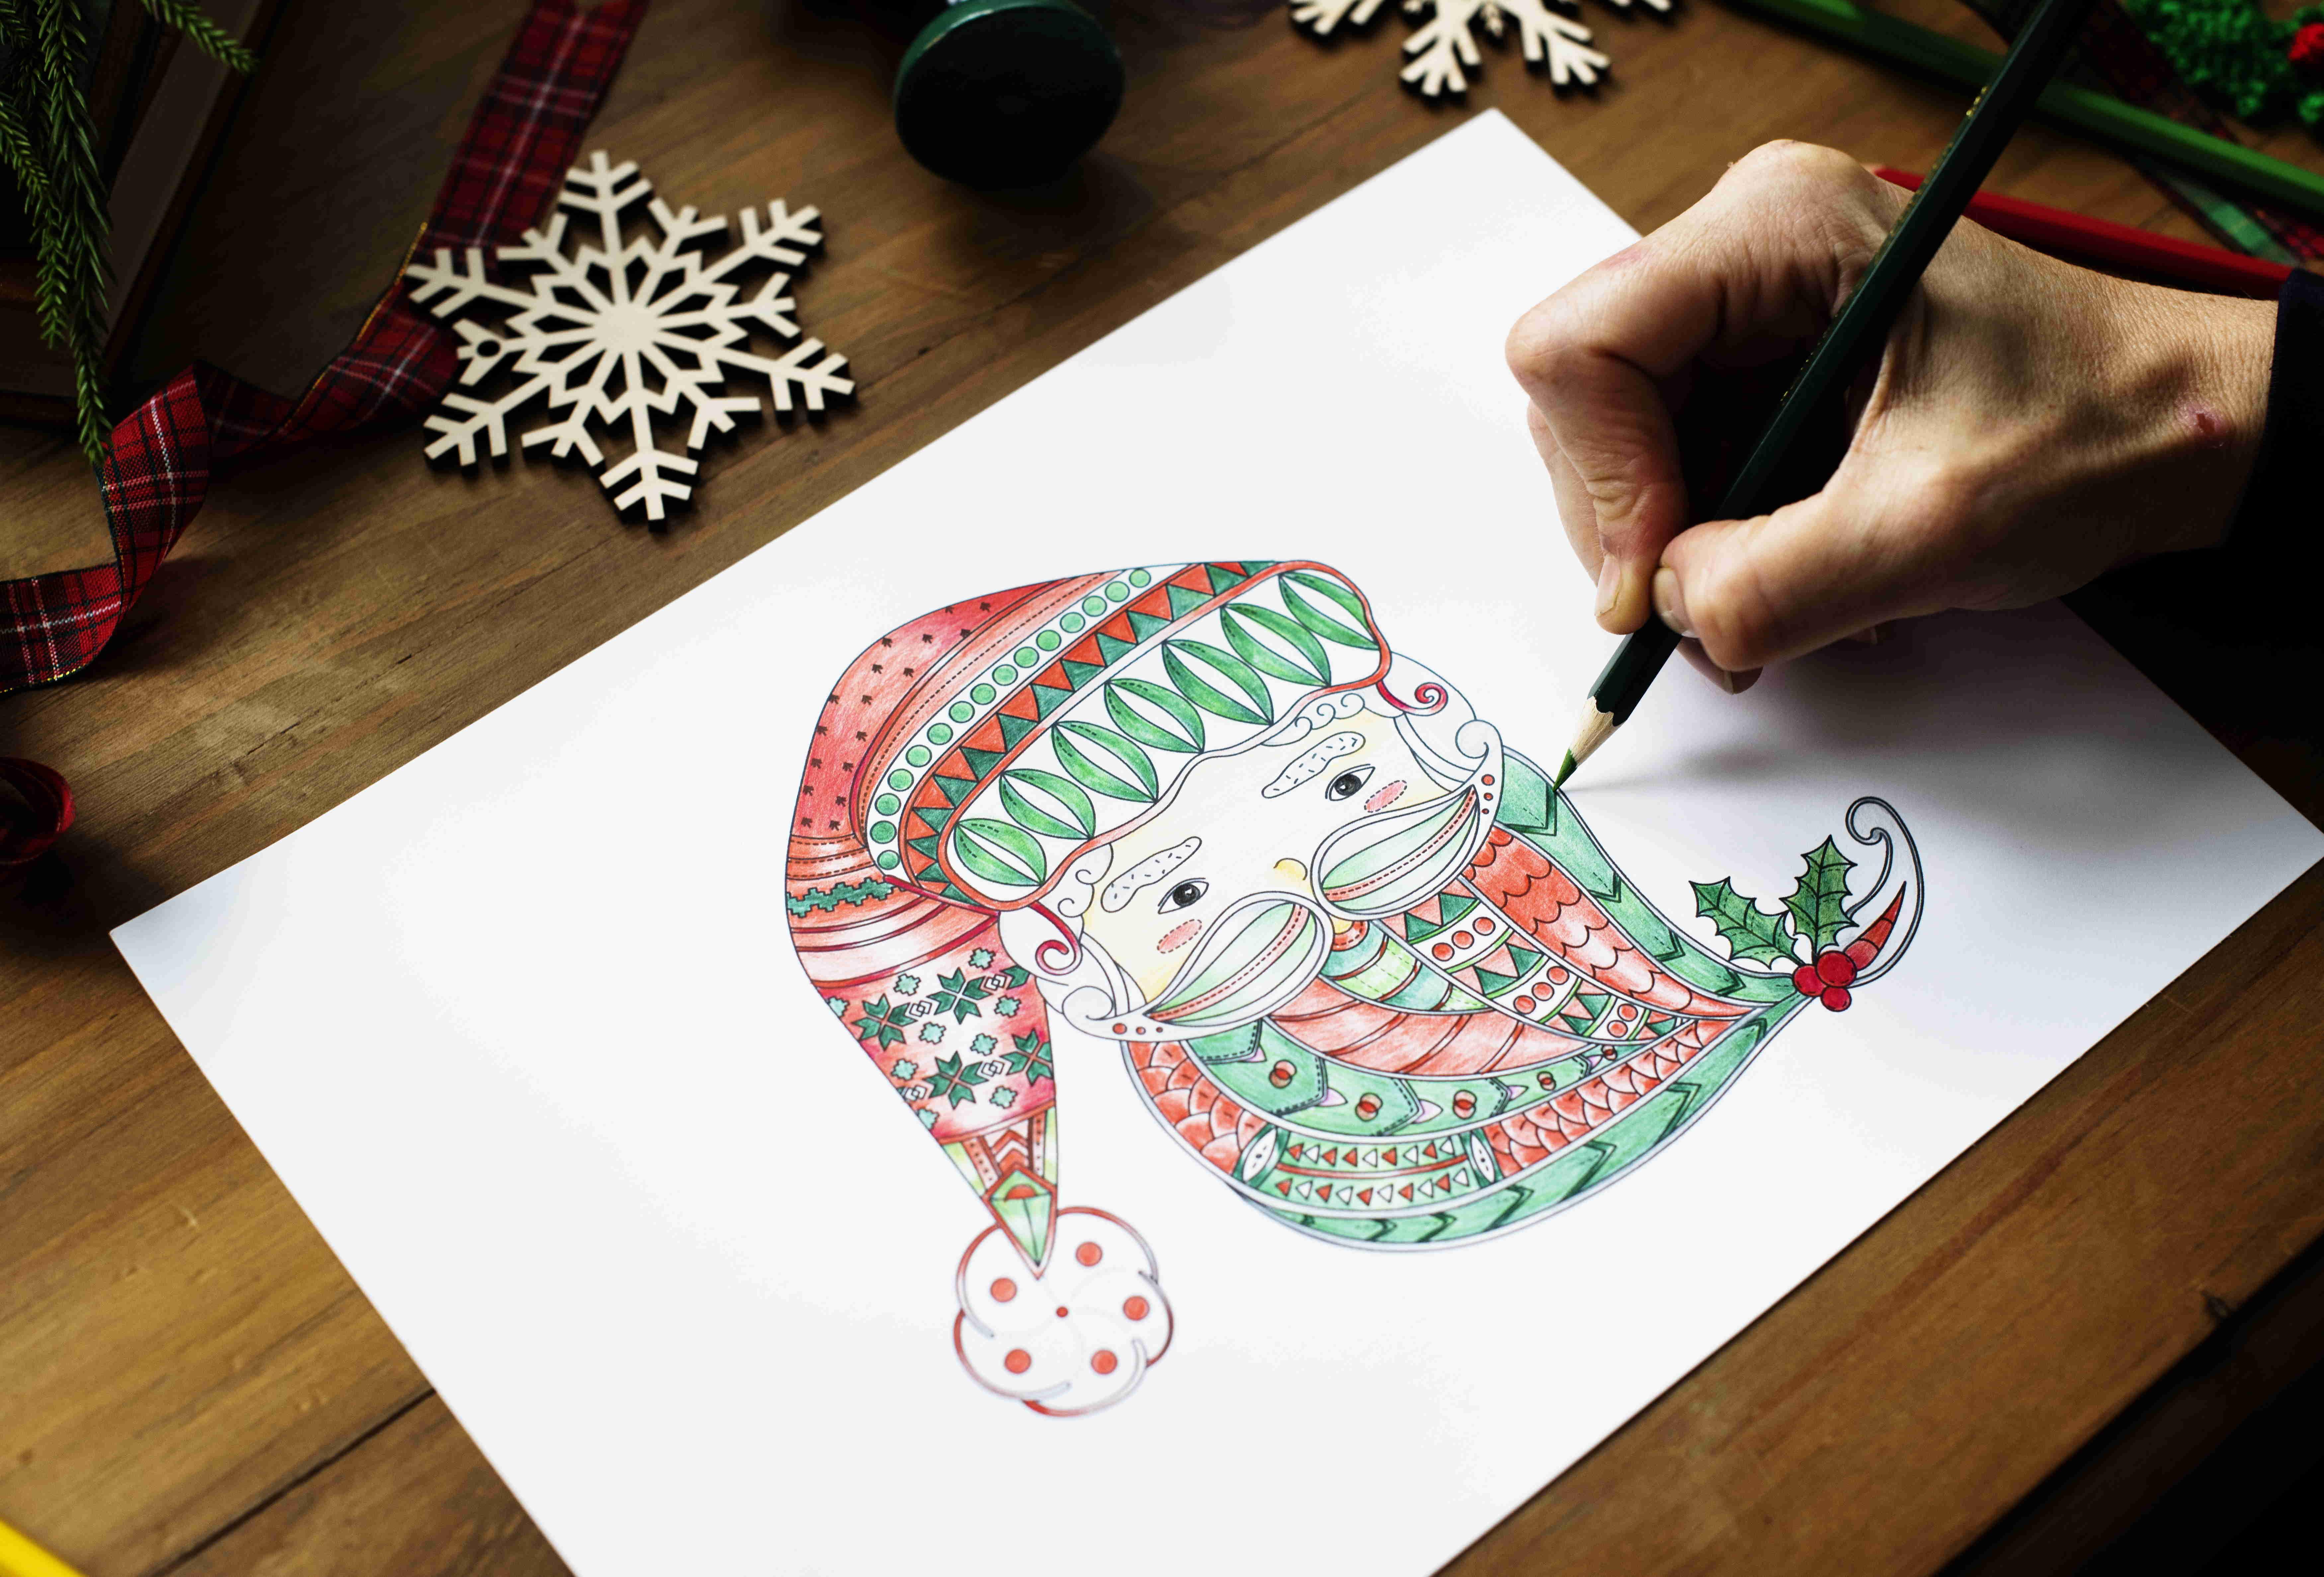 Какой можно узор нарисовать на открытке новогодней